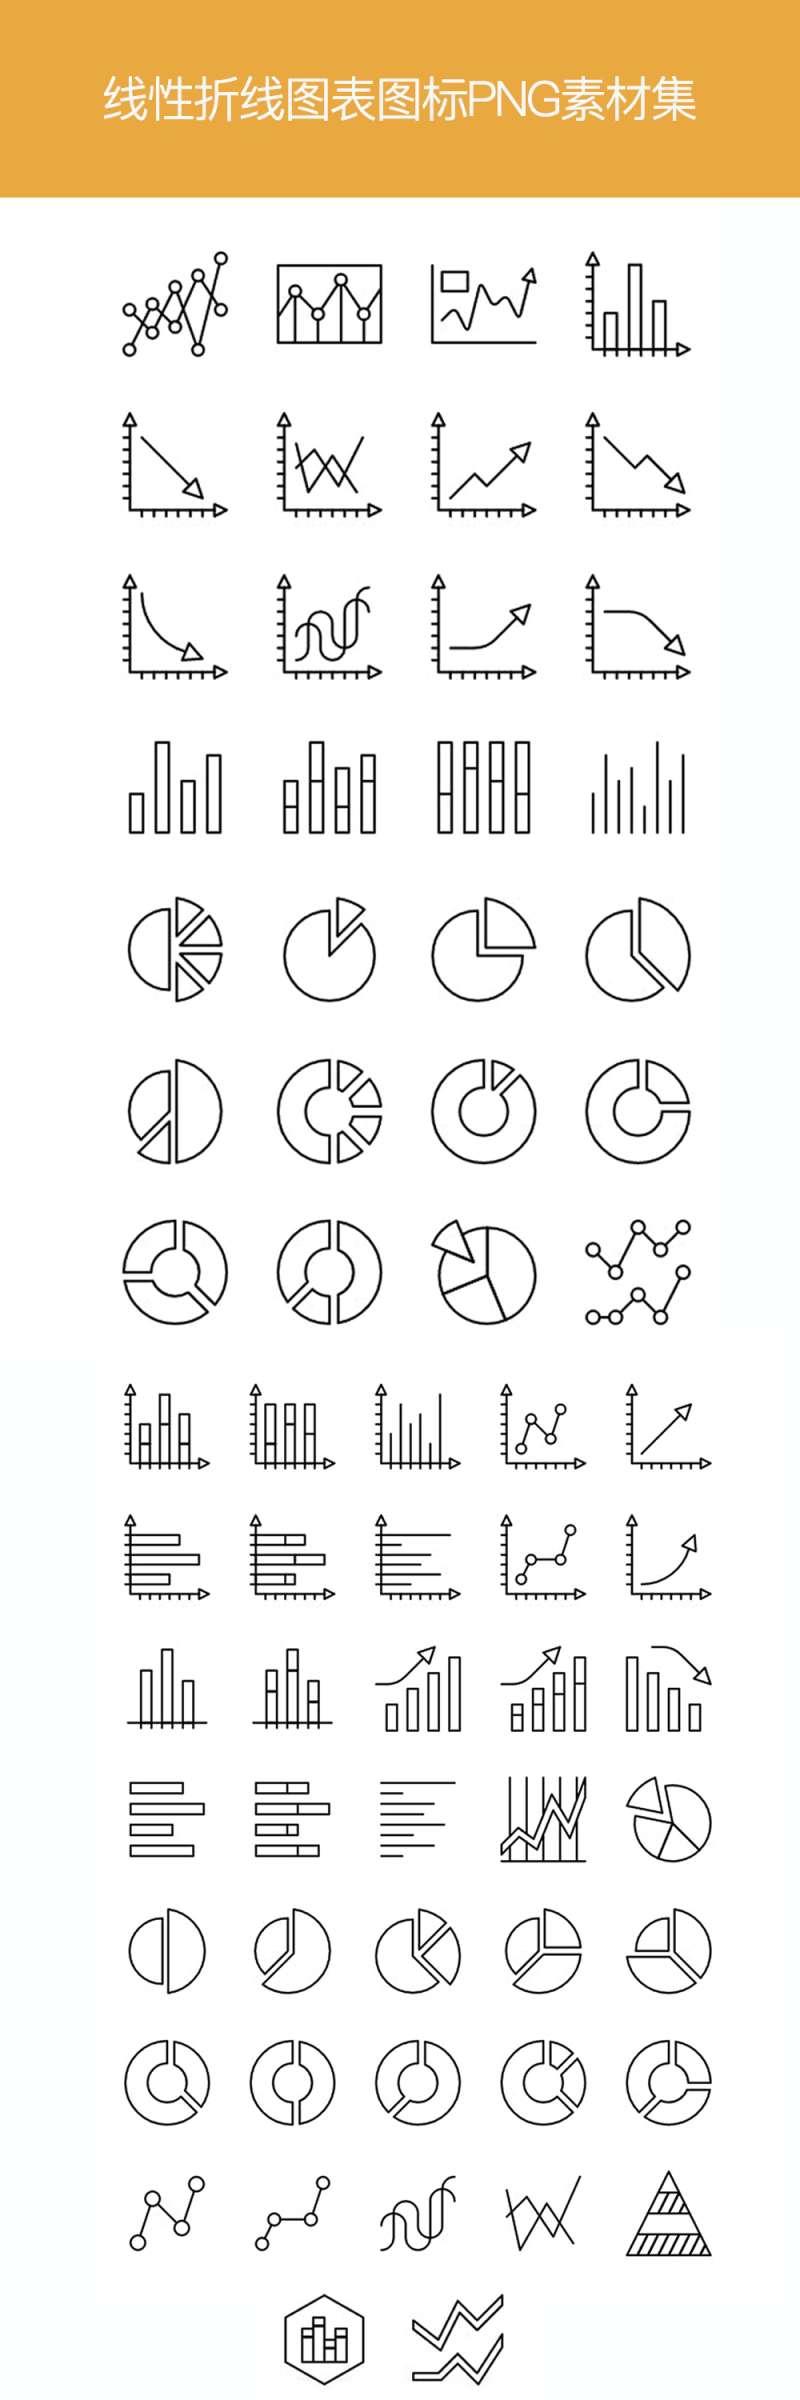 實用的折線統計圖表圖標素材